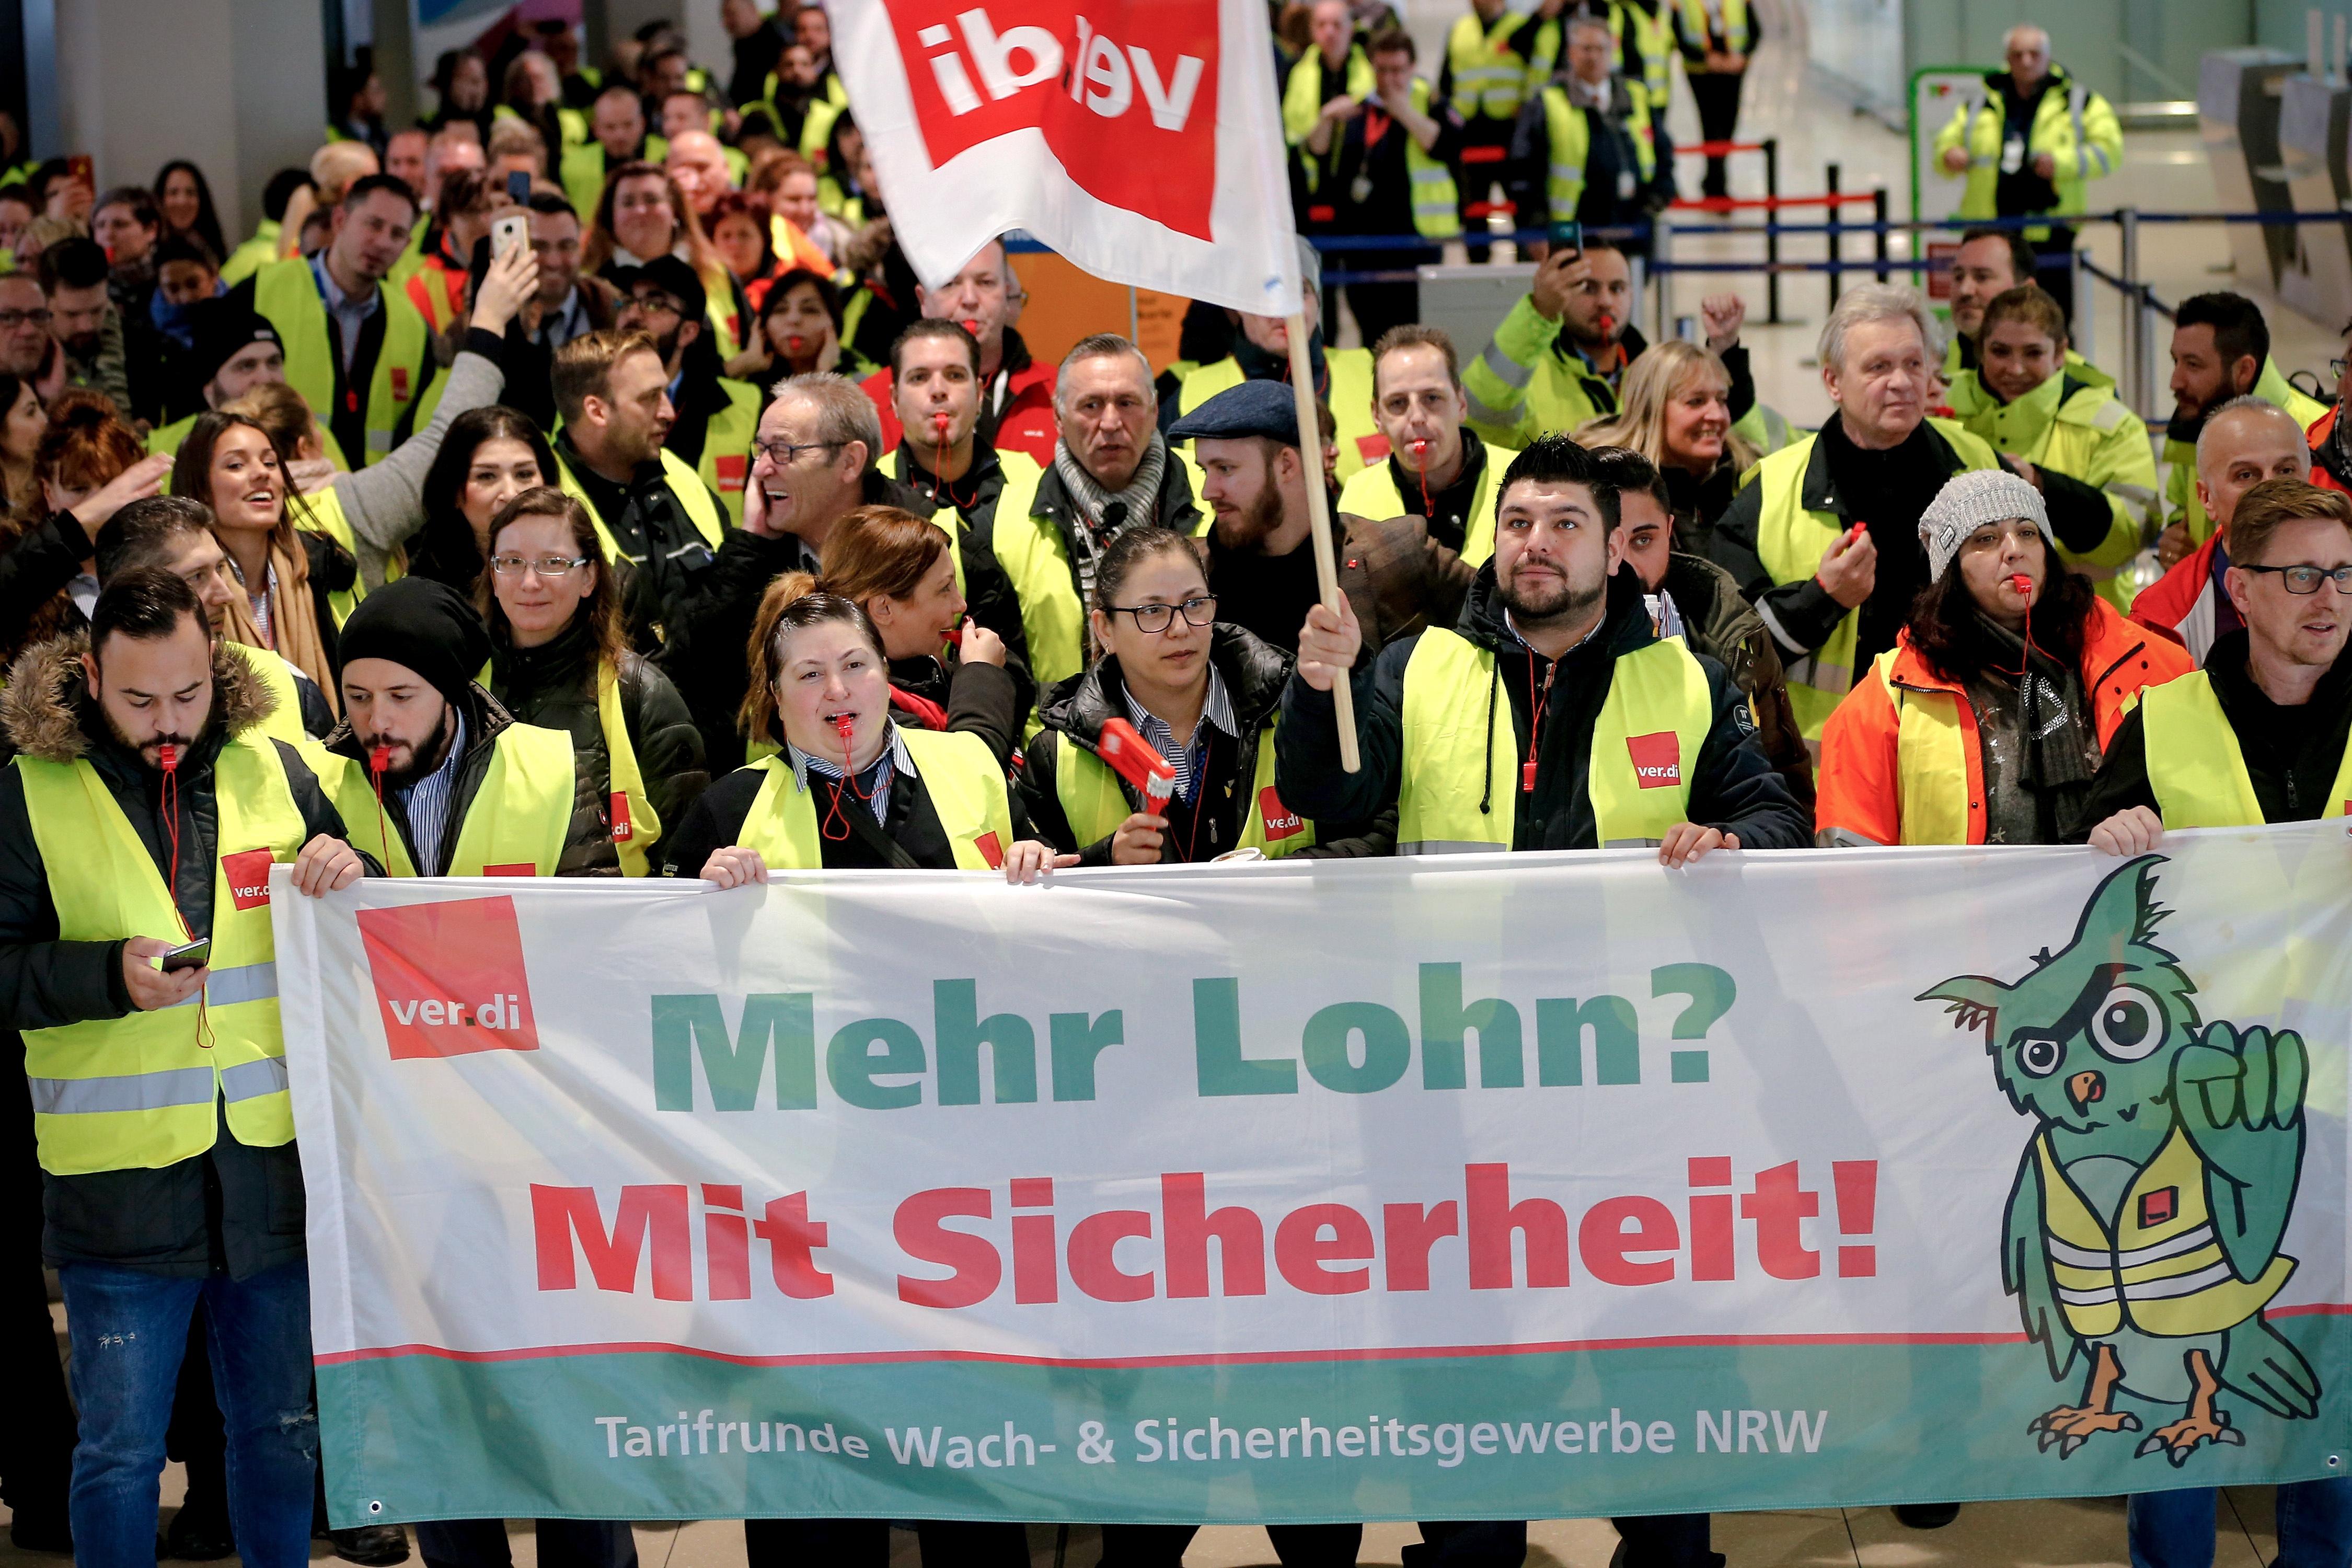 Γερμανία: Περισσότερες από 600 πτήσεις ακυρώθηκαν λόγω απεργίας σε τρία αεροδρόμια, φωτογραφία-3